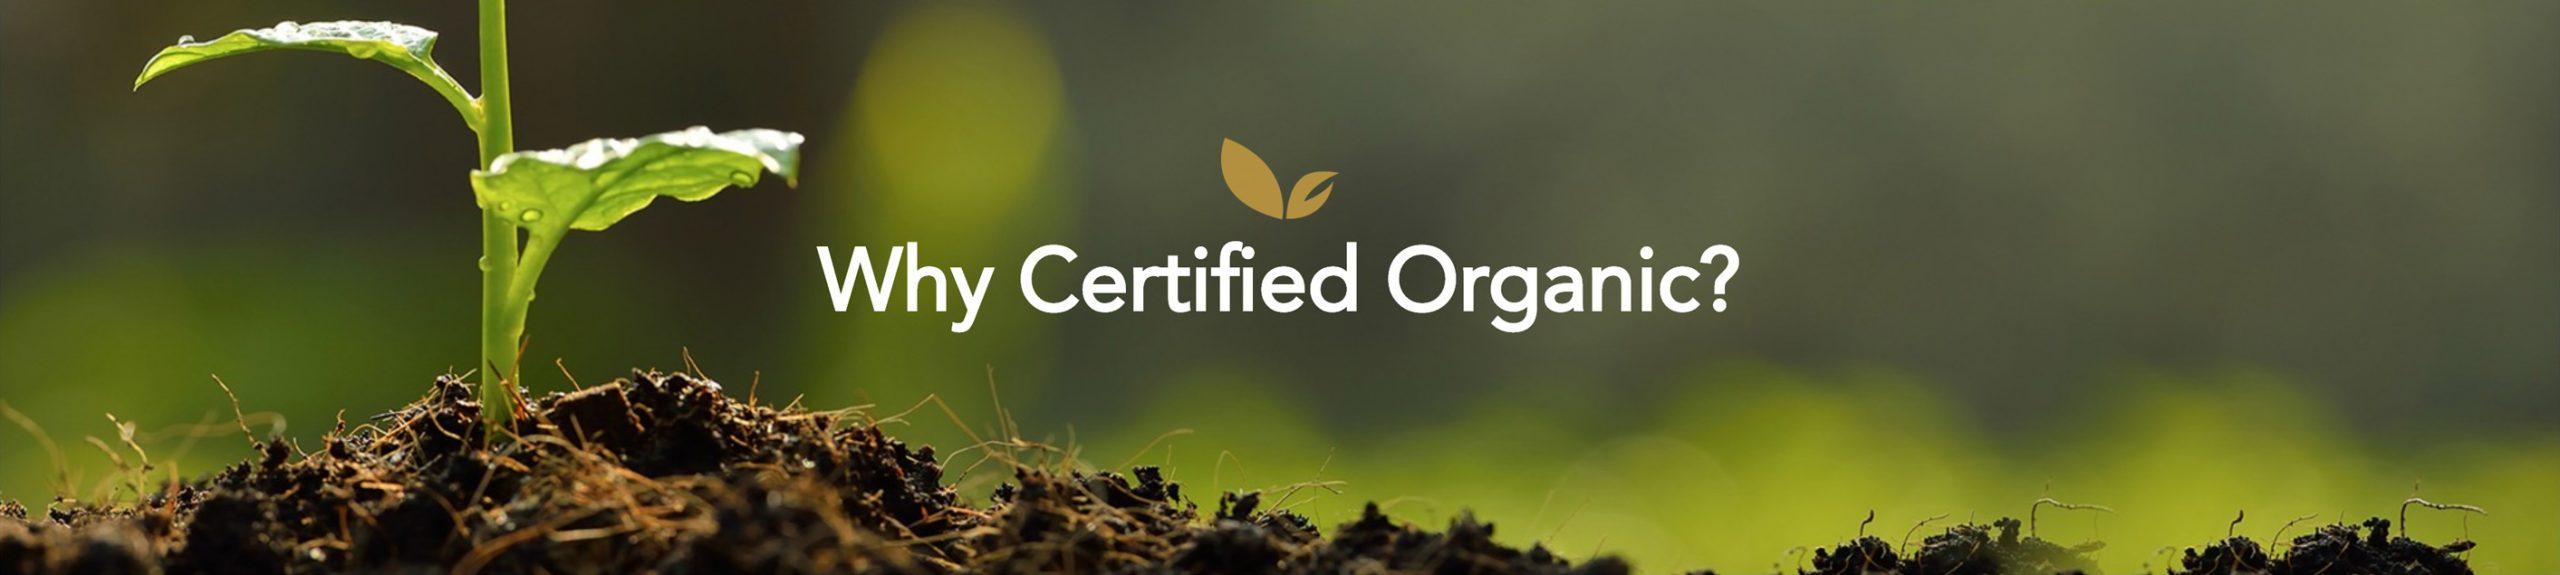 INIKA Certified Organic